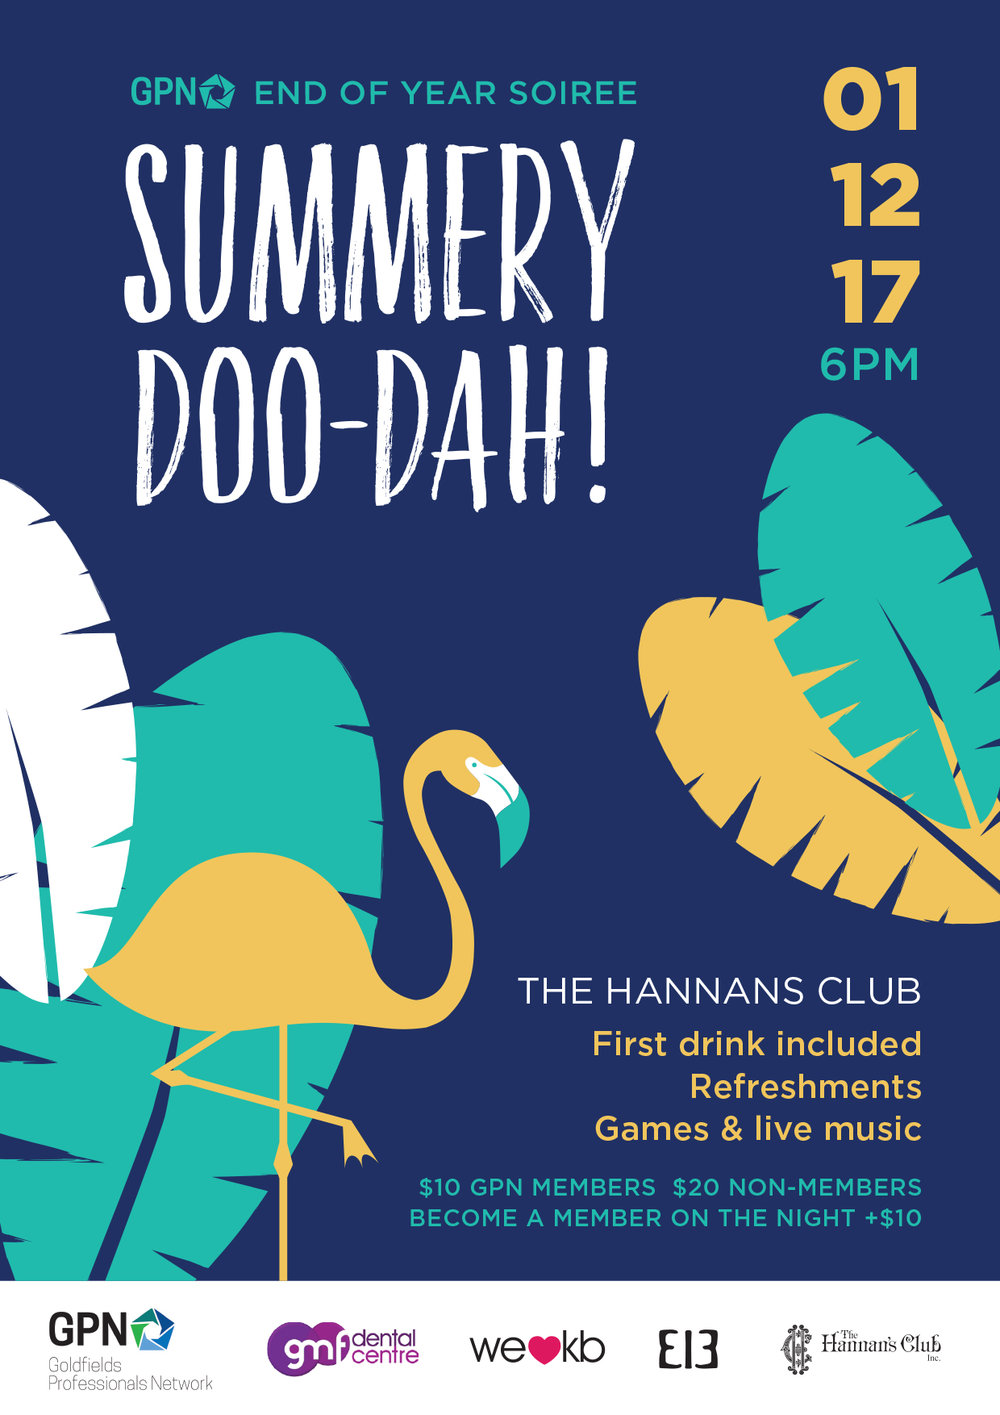 GPN Summery Doo-Dah-Poster.jpg